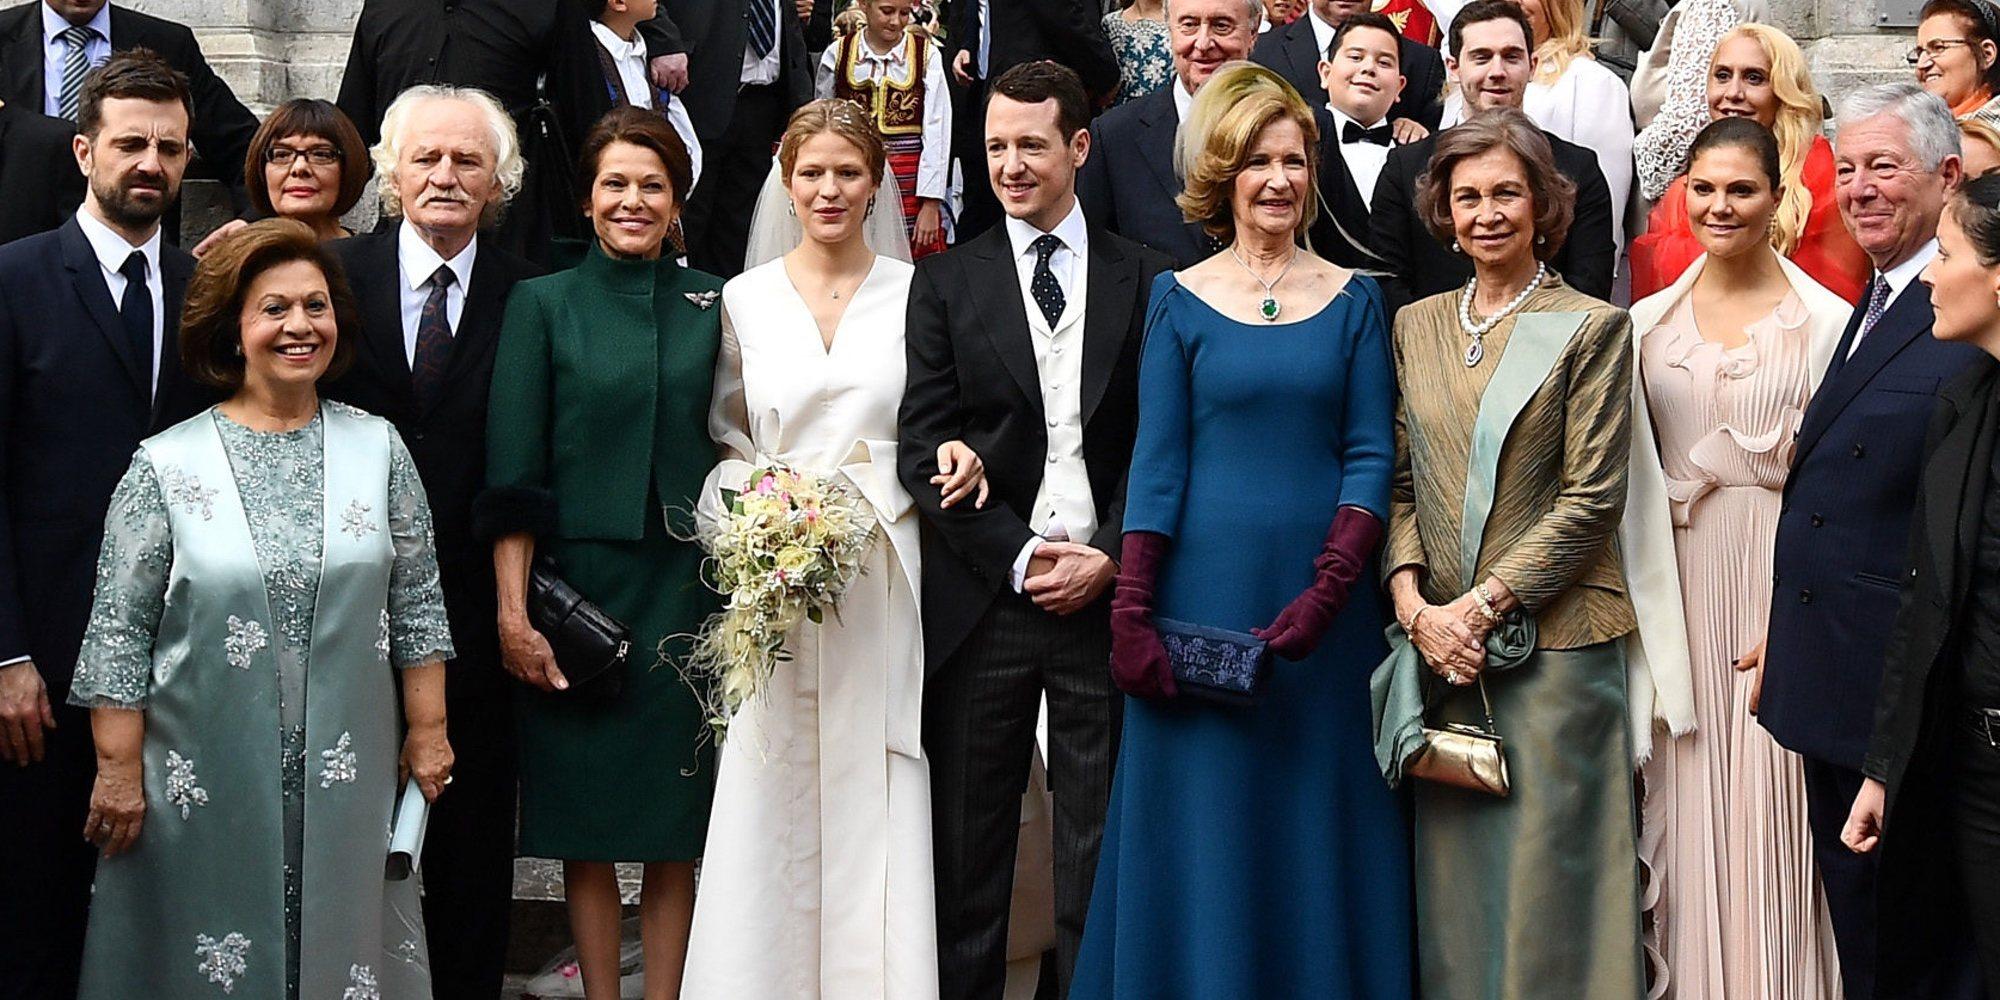 La Familia Real de Serbia inicia los trámites para recuperar su patrimonio